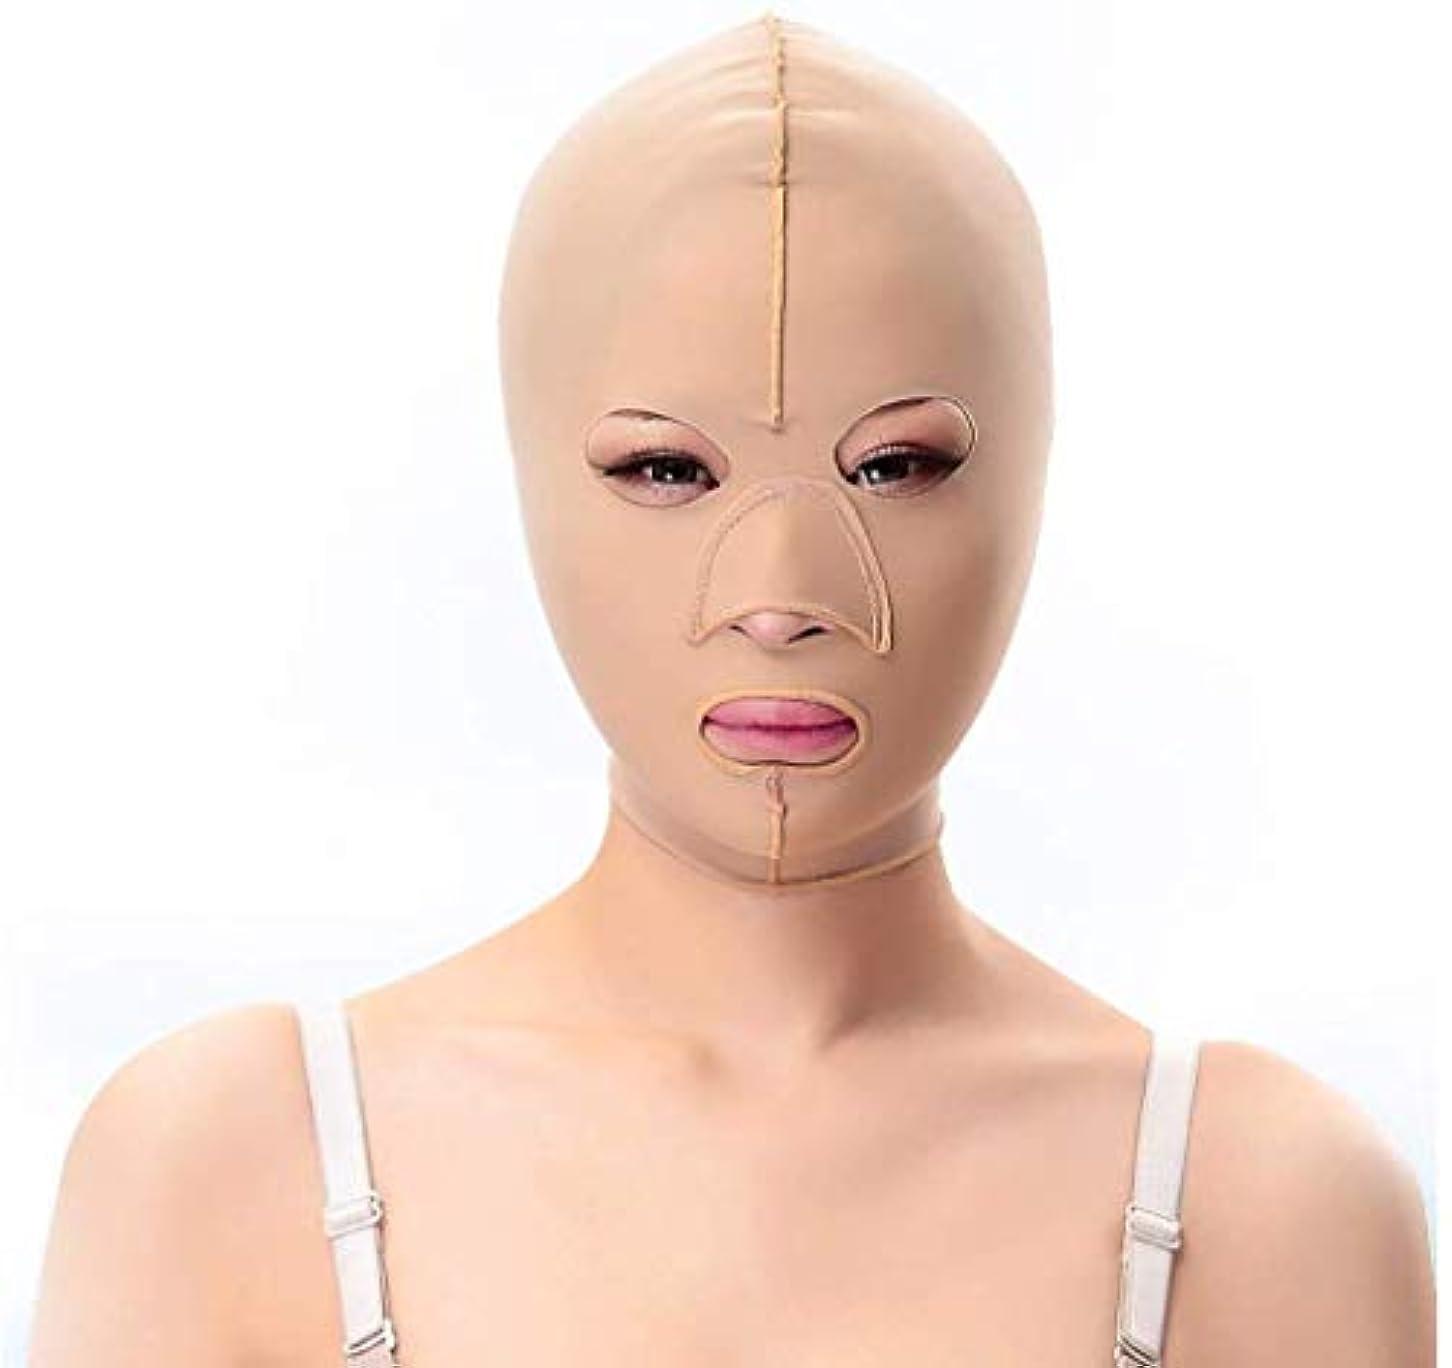 ミニチュア敬の念息切れ美と実用的なSlim身ベルト、フェイシャルマスク薄い顔マスクを布パターンを持ち上げるダブルあご引き締め顔プラスチック顔アーティファクト強力な顔包帯(サイズ:XXL)